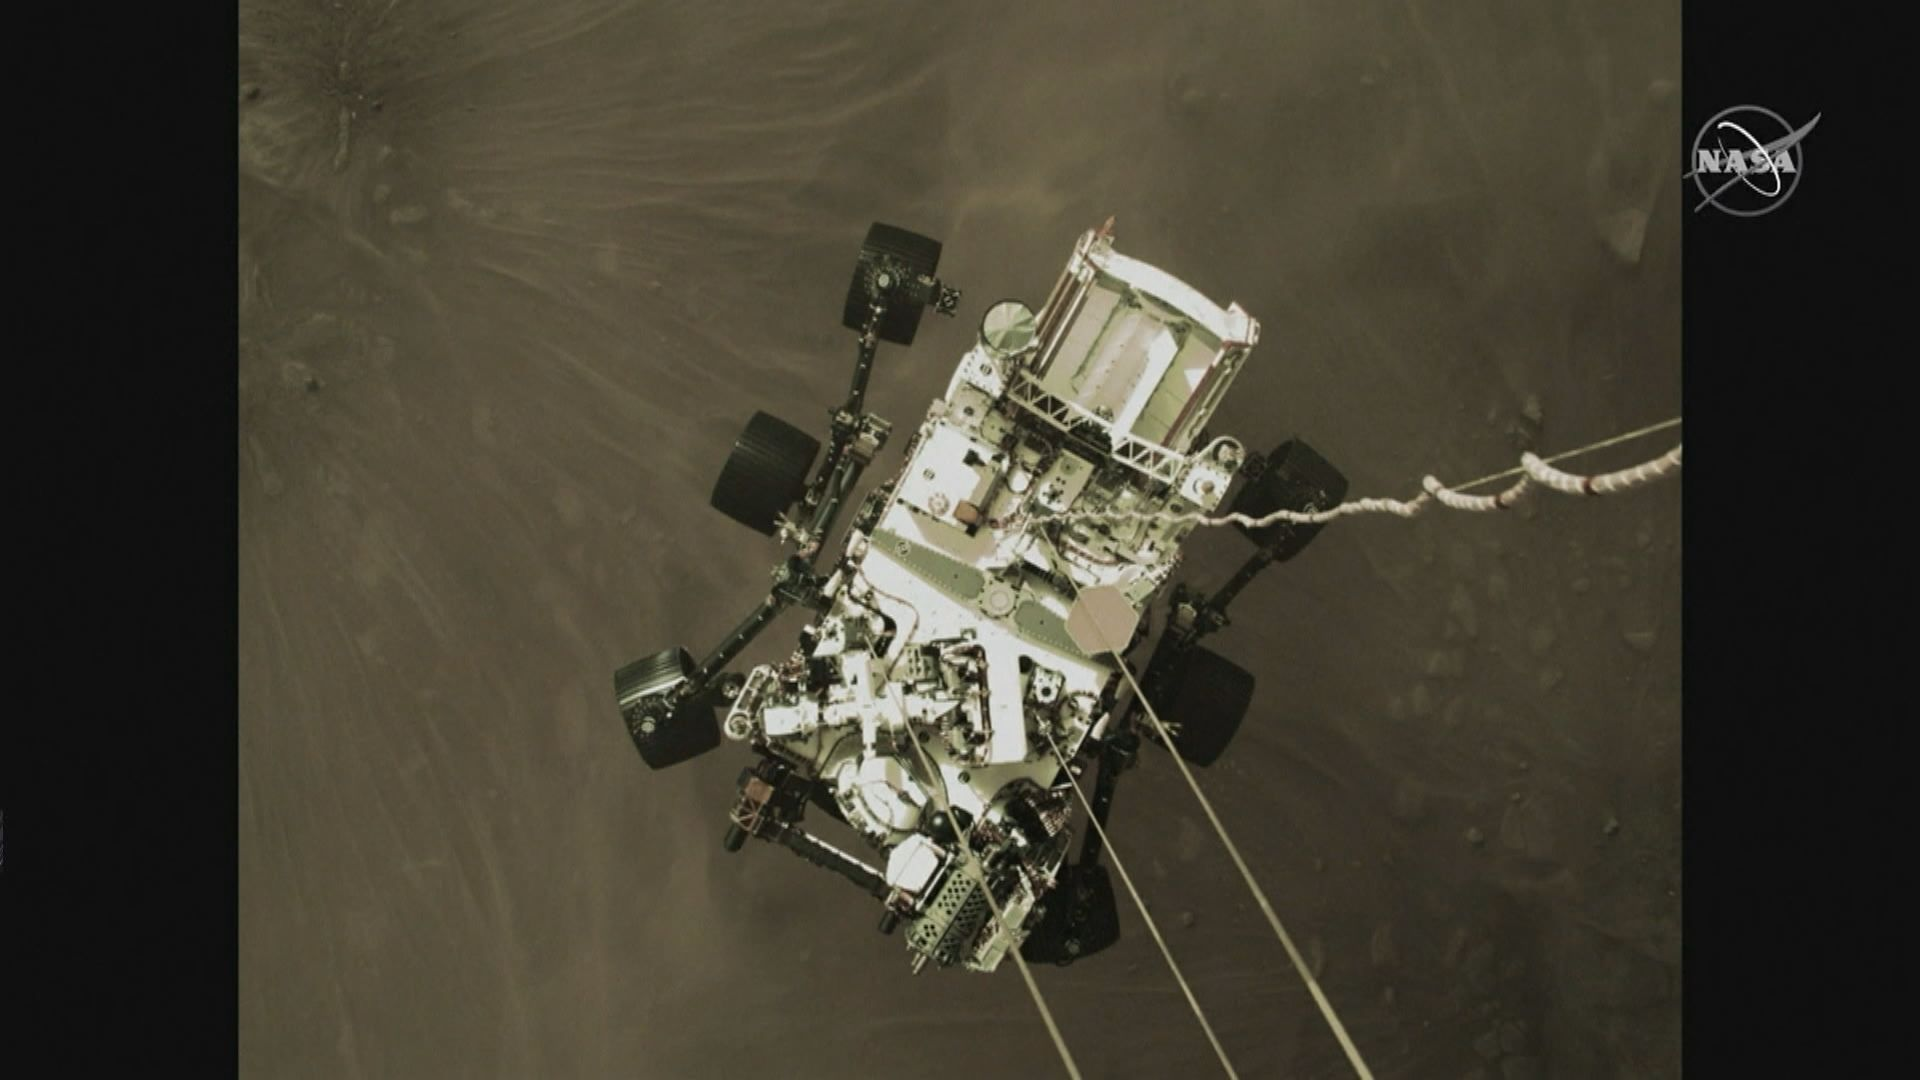 火星探測器毅力號傳回更多照片